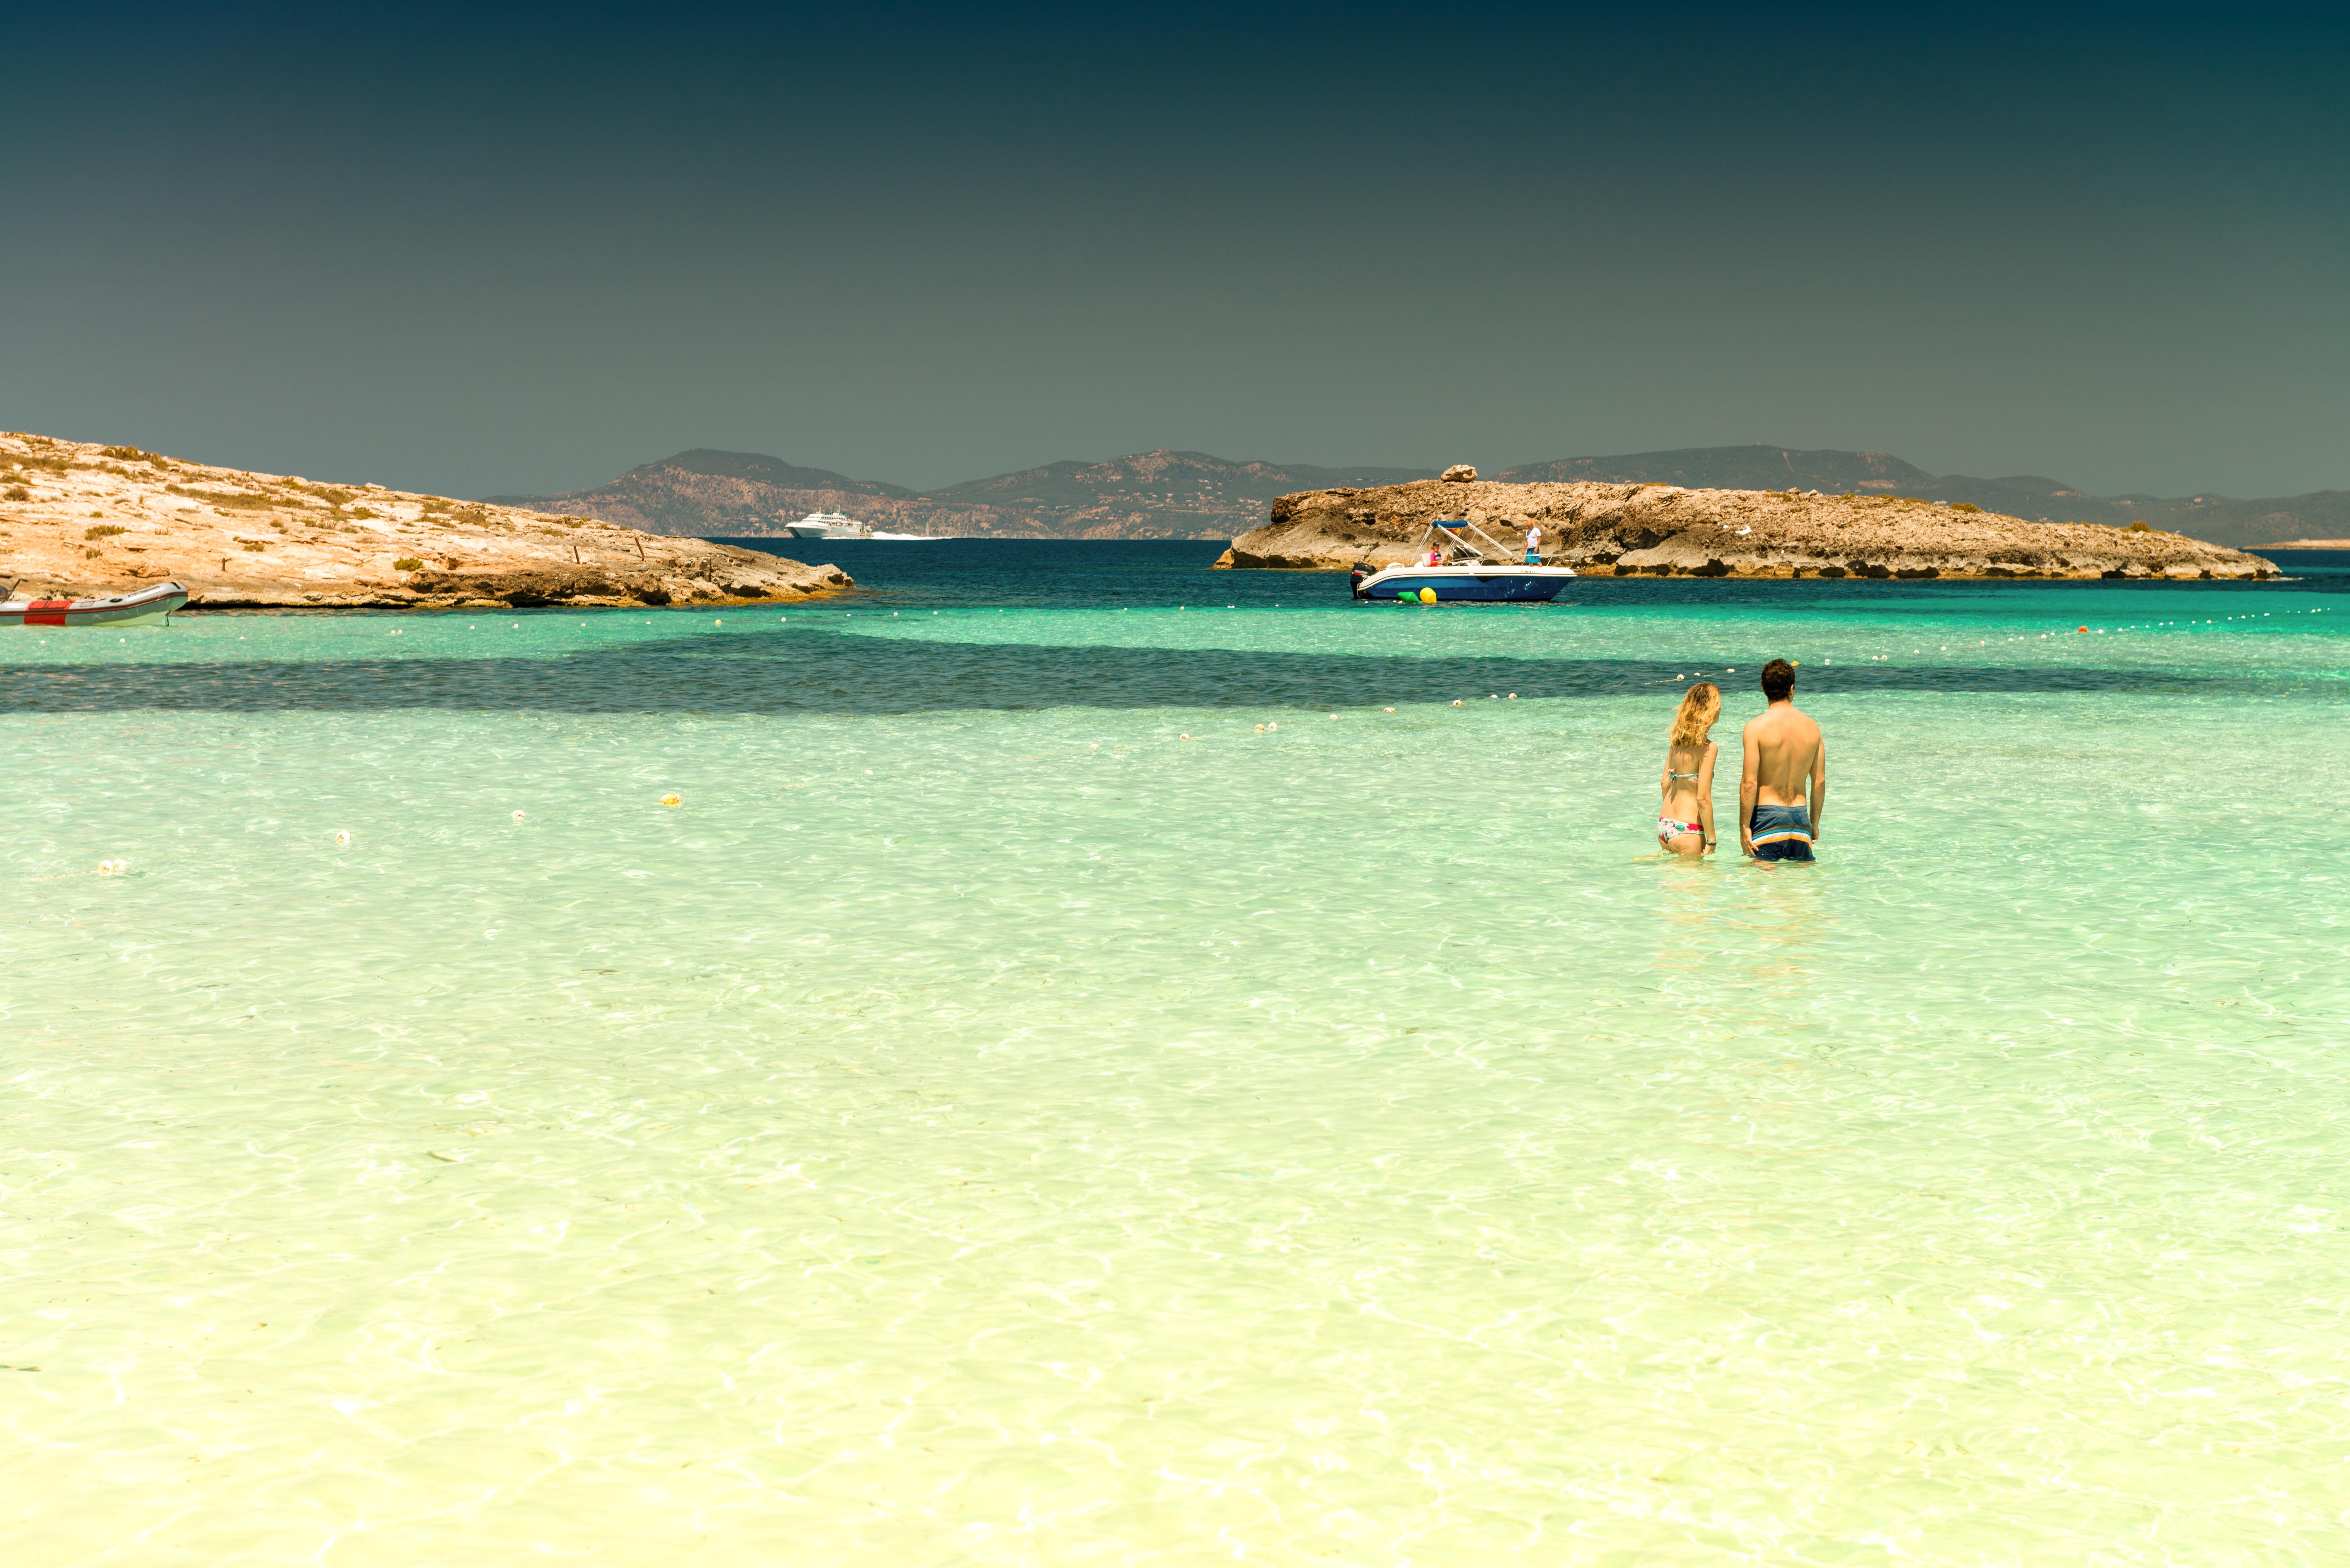 Ses Illetes es una de las playas más bellas del mundo. Foto: Shutterstock.